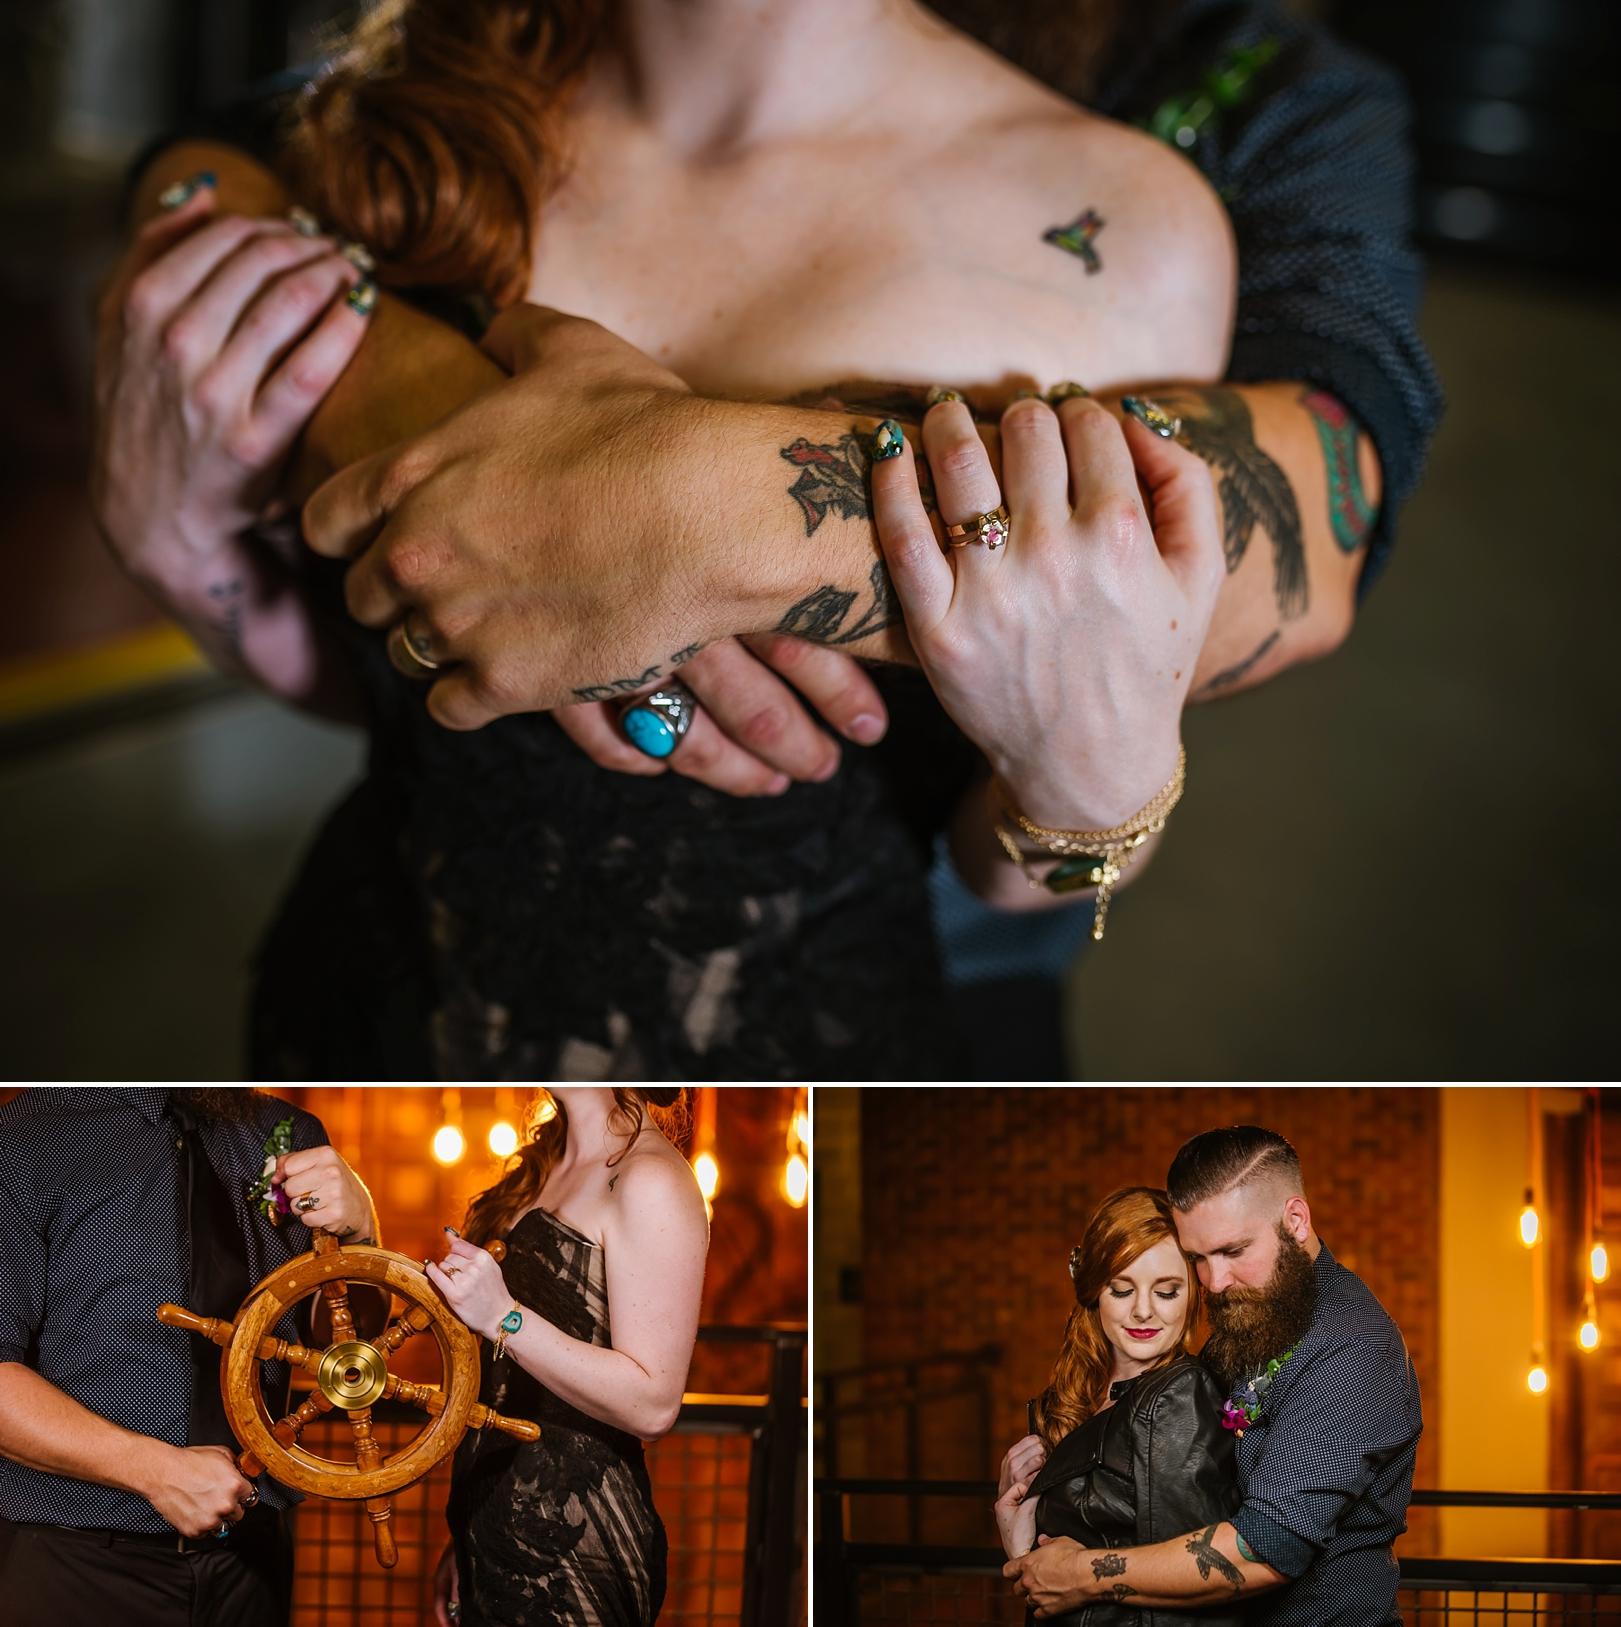 blue-nautical-brewery-unique-wedding-inspiration-photography-ashlee-hamon_0025.jpg